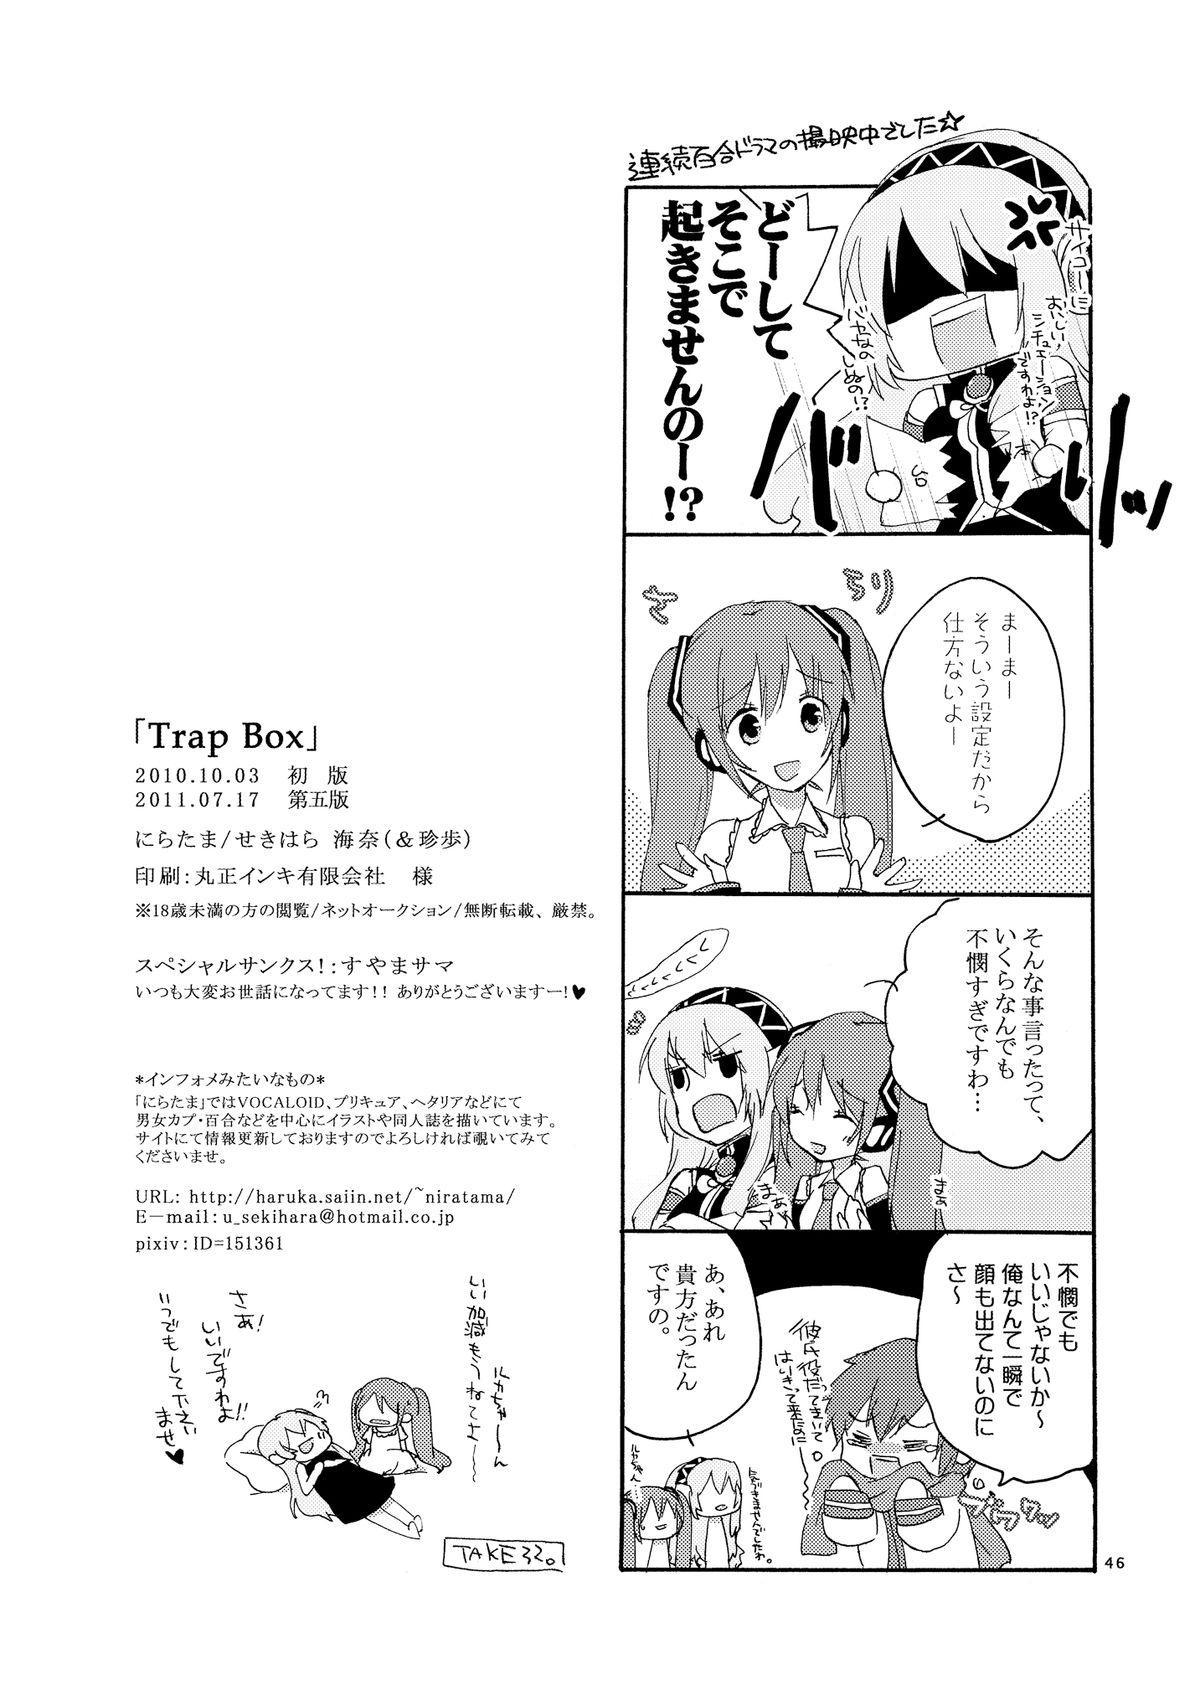 Trap Box 45